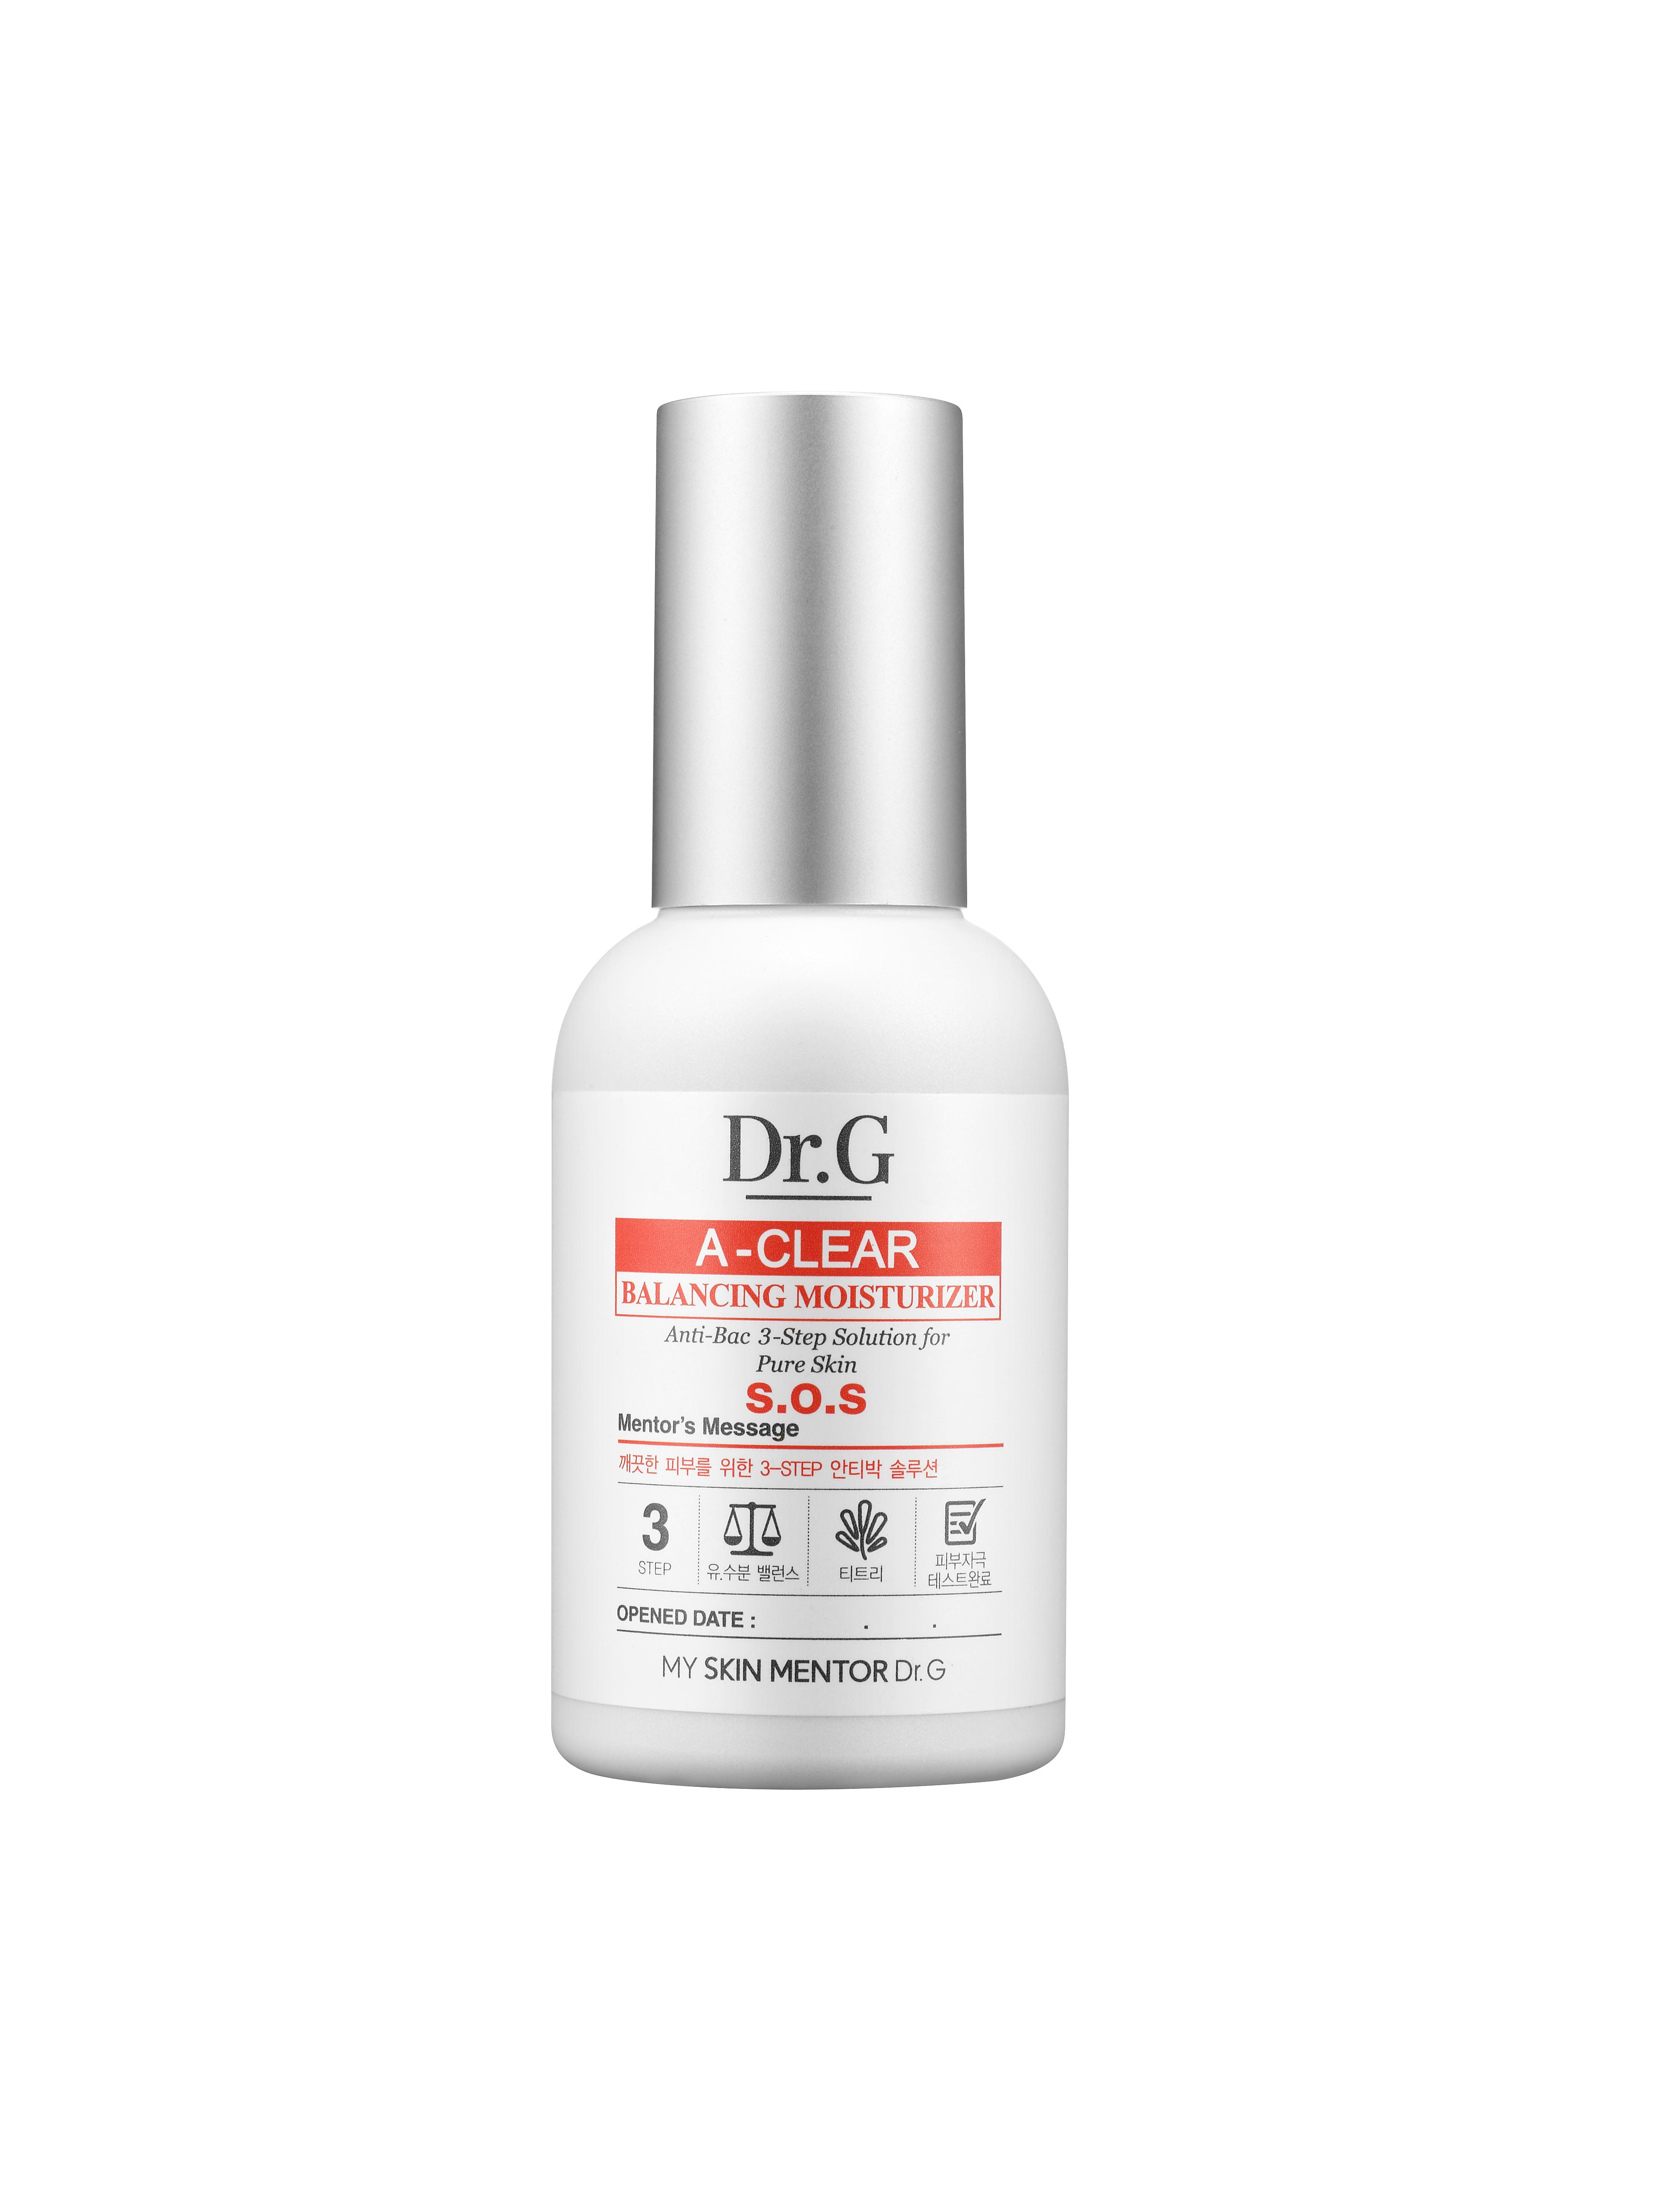 Dr. G Лосьон балансирующий для проблемной кожи A-Clear, 50 млDG131334Средство интенсивно восстанавливает гидро-липидный баланс, а также контролирует работу сальных желез. Высокое содержание лимонной, тартаровой и аскорбиновой кислот увлажняют глубокие слои эпидермиса, надолго удерживая влагу, обеспечивают эффект лифтинга, кожа приобретает упругость и эластичность, морщины значительно сокращаются. Лосьон сужает поры, стимулирует иммунитет, оказывает осветляющее действие, борется с пигментацией. Средство сочетает в себе действия двух средств лосьон + эссенция. Особо рекомендуется для проблемной кожи, склонной к жирности и акне. Масло чайного дерева в составе лосьона - очень сильный антисептик, также обладает явно выраженным бактерицидным, противовирусным, противогрибковым и иммуностимулирующим эффектом. Эфирные масла чайного дерева успокоят раздражения и покраснения.